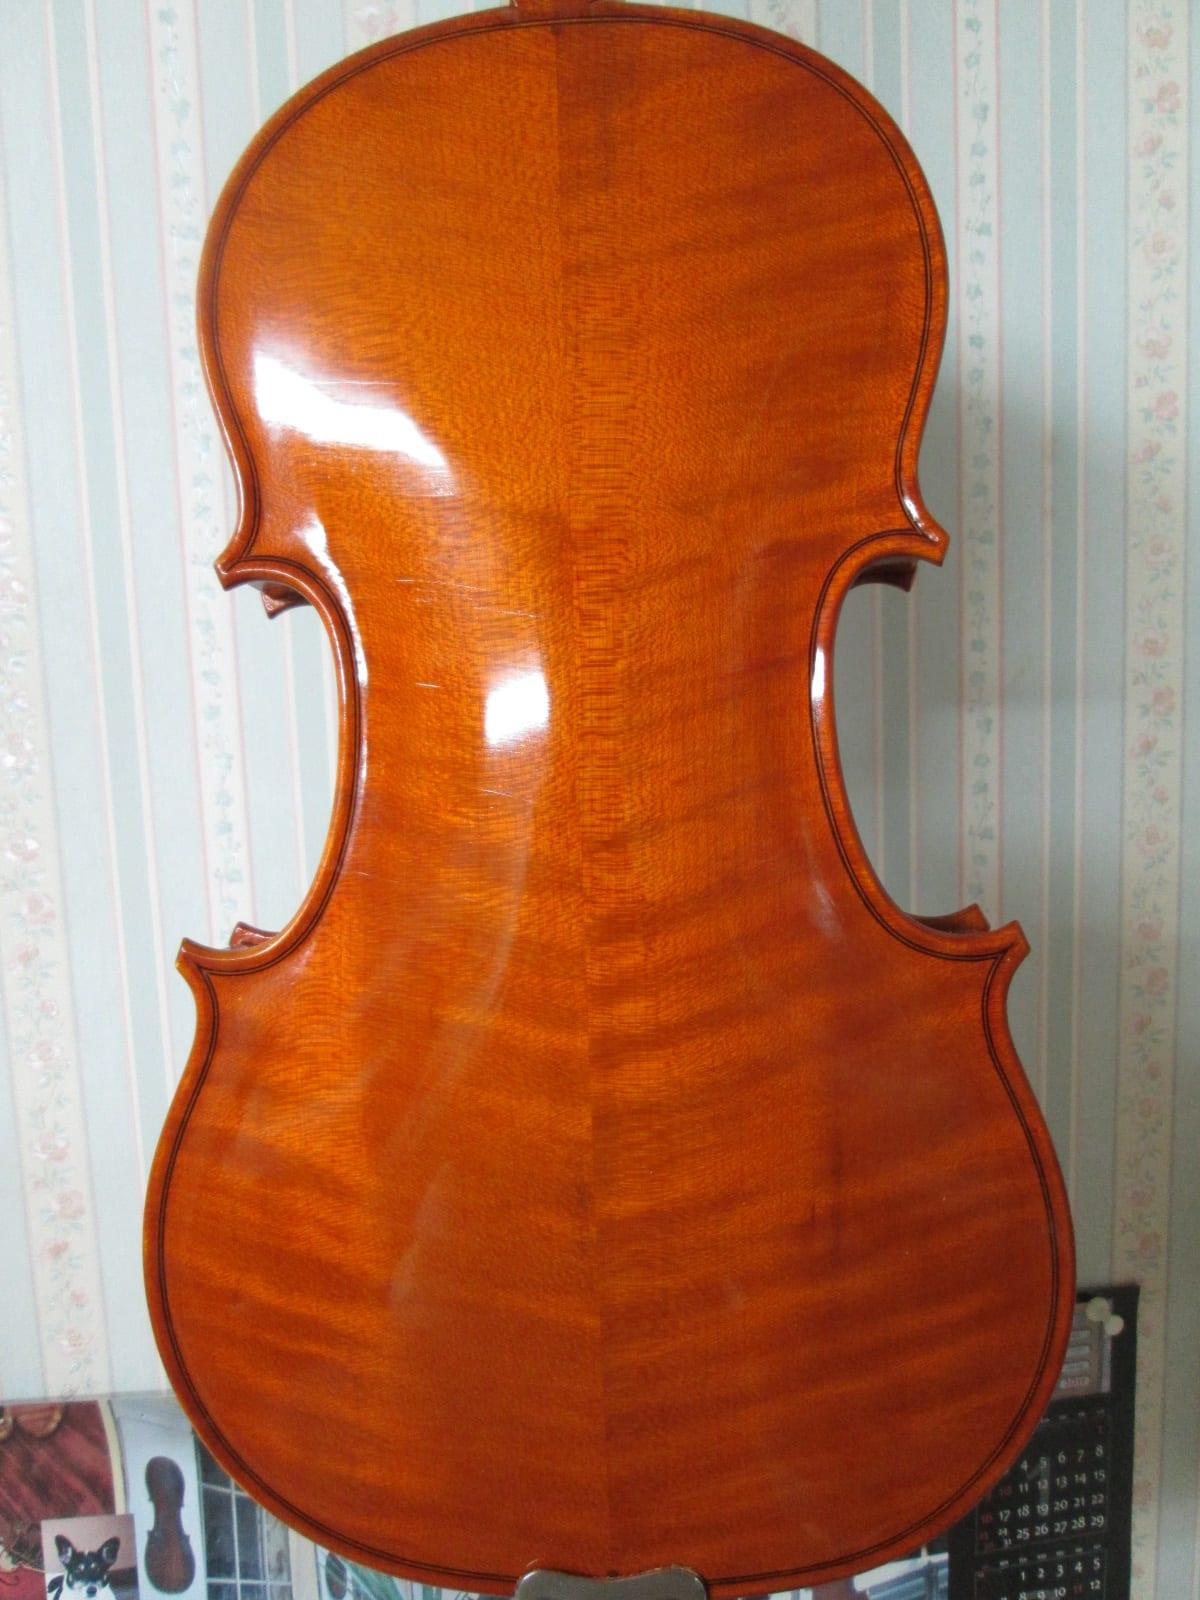 A stradivarius 1714 soil sam okubo for Soil 1714 stradivarius